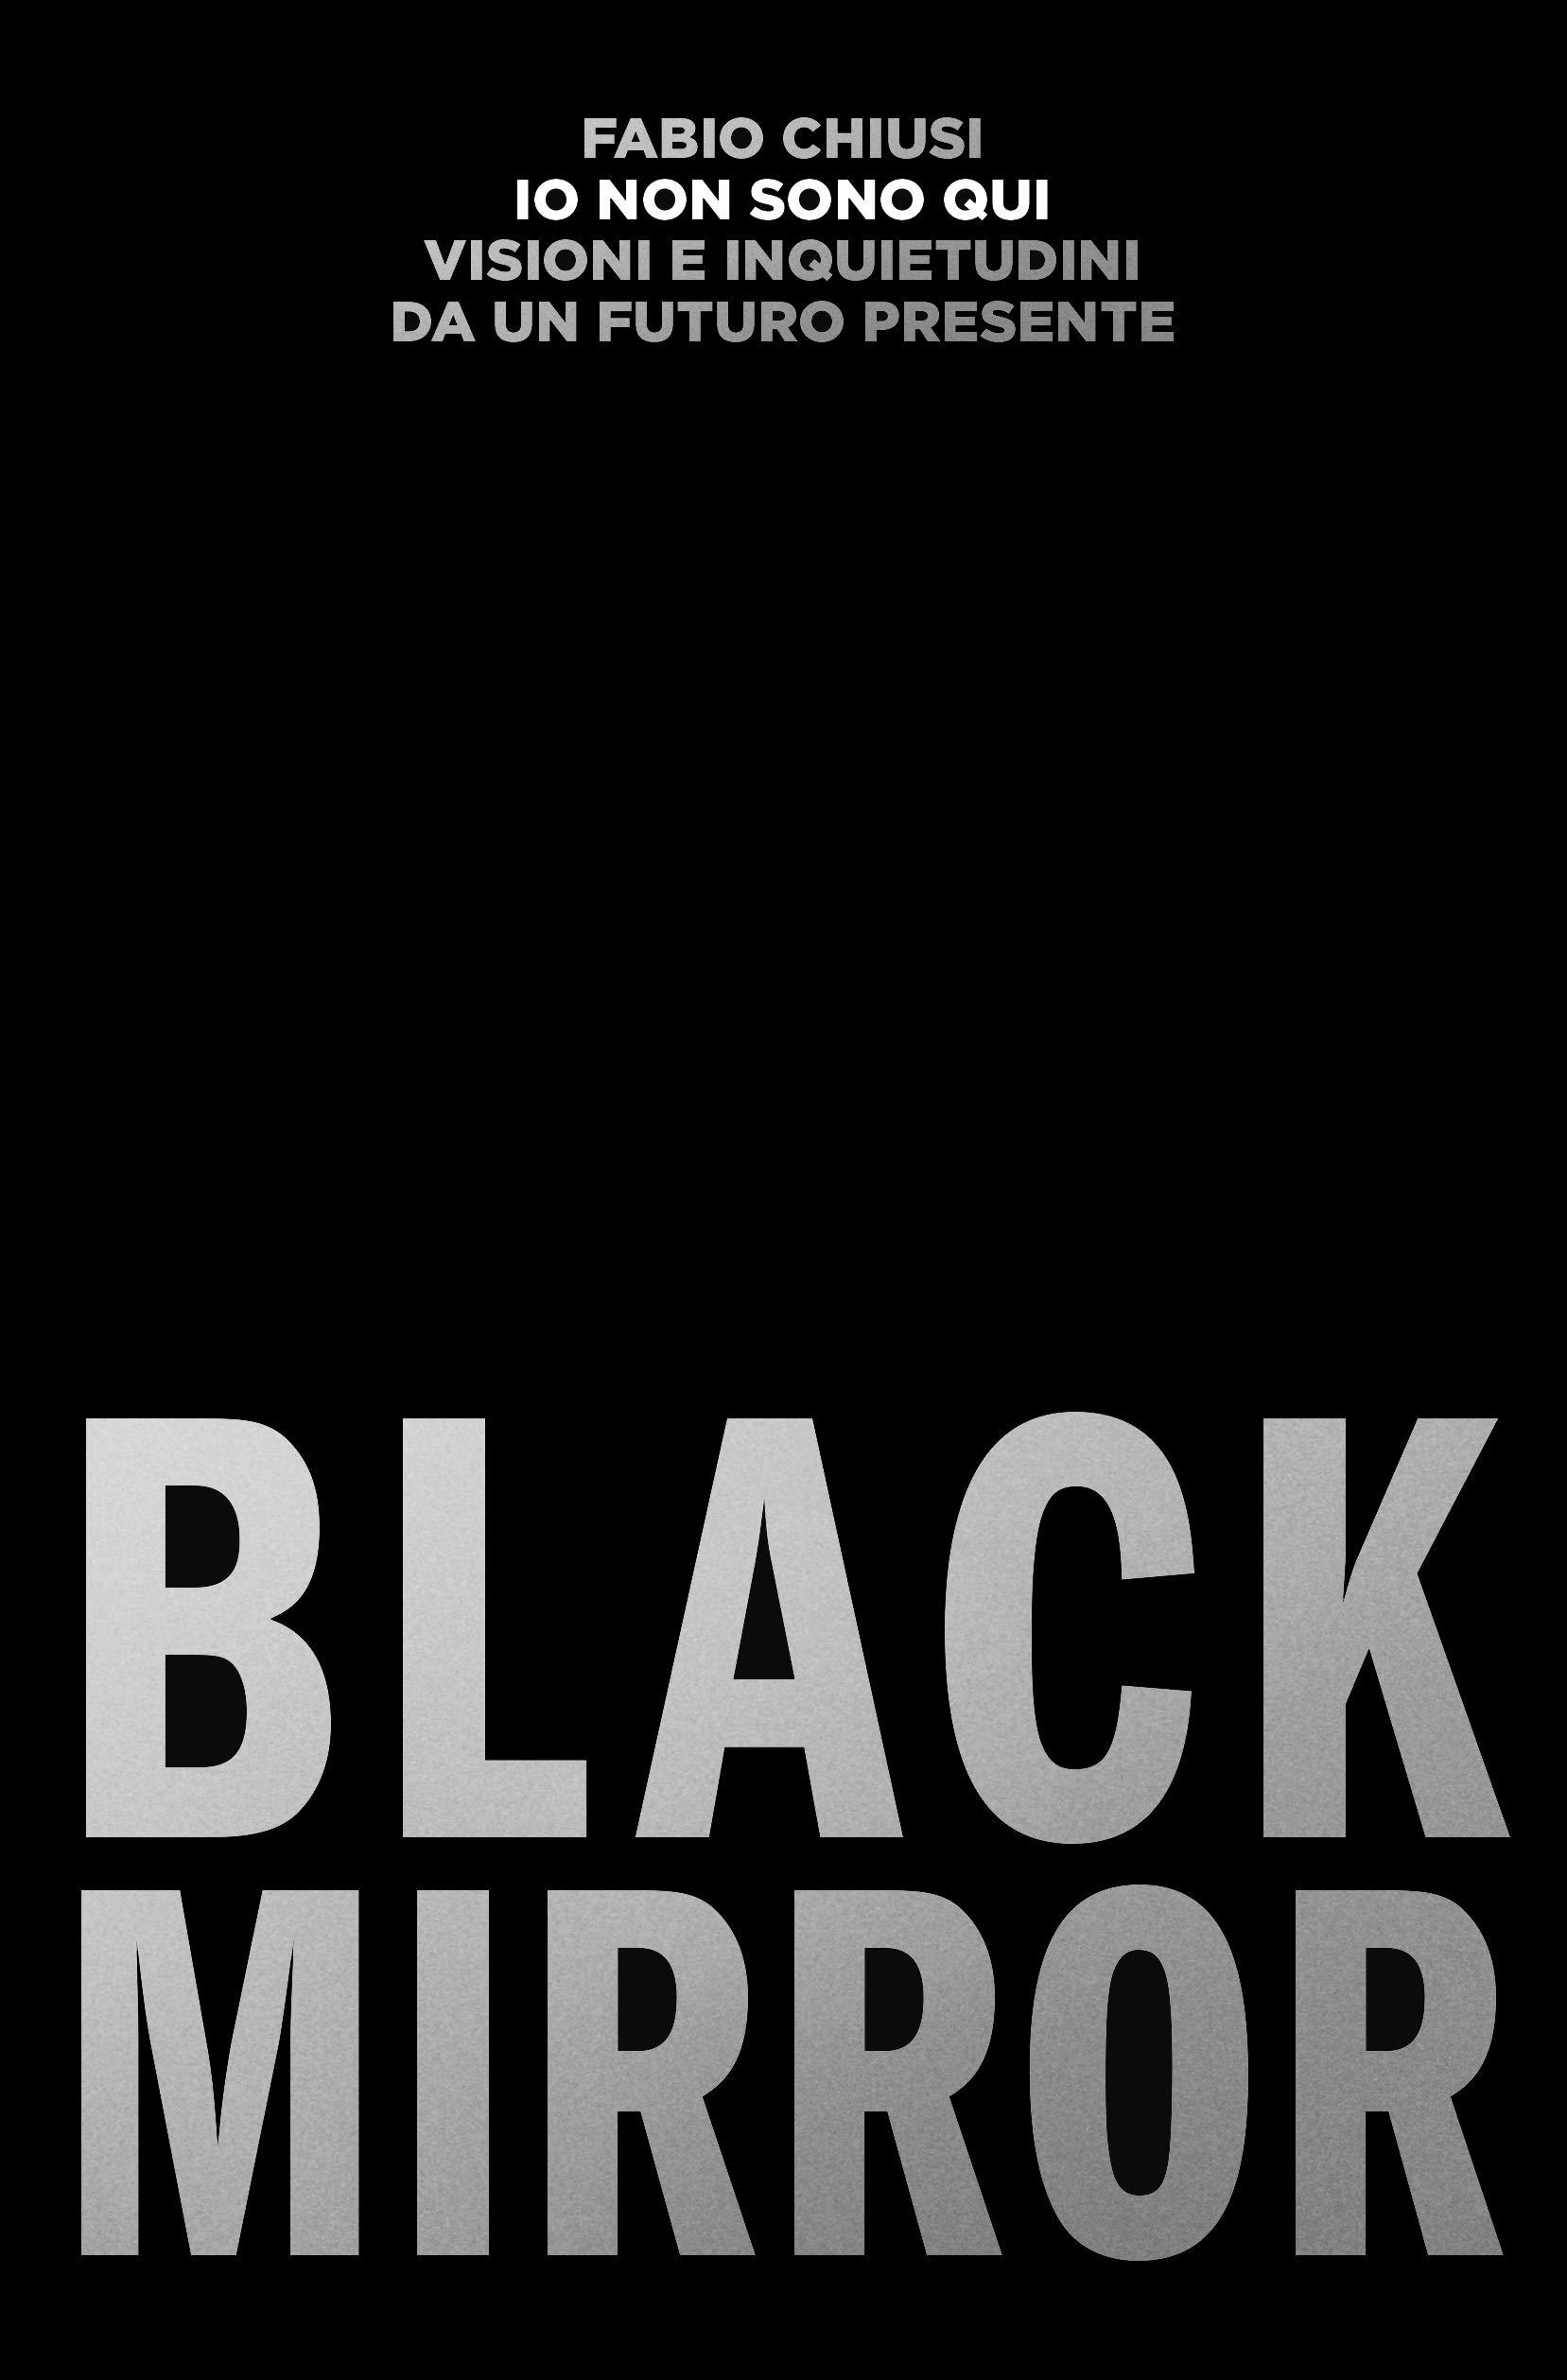 7360c730decca5 Amazon.it: Io non sono qui. Visioni e inquietudini da un futuro presente.  Black Mirror - Fabio Chiusi - Libri